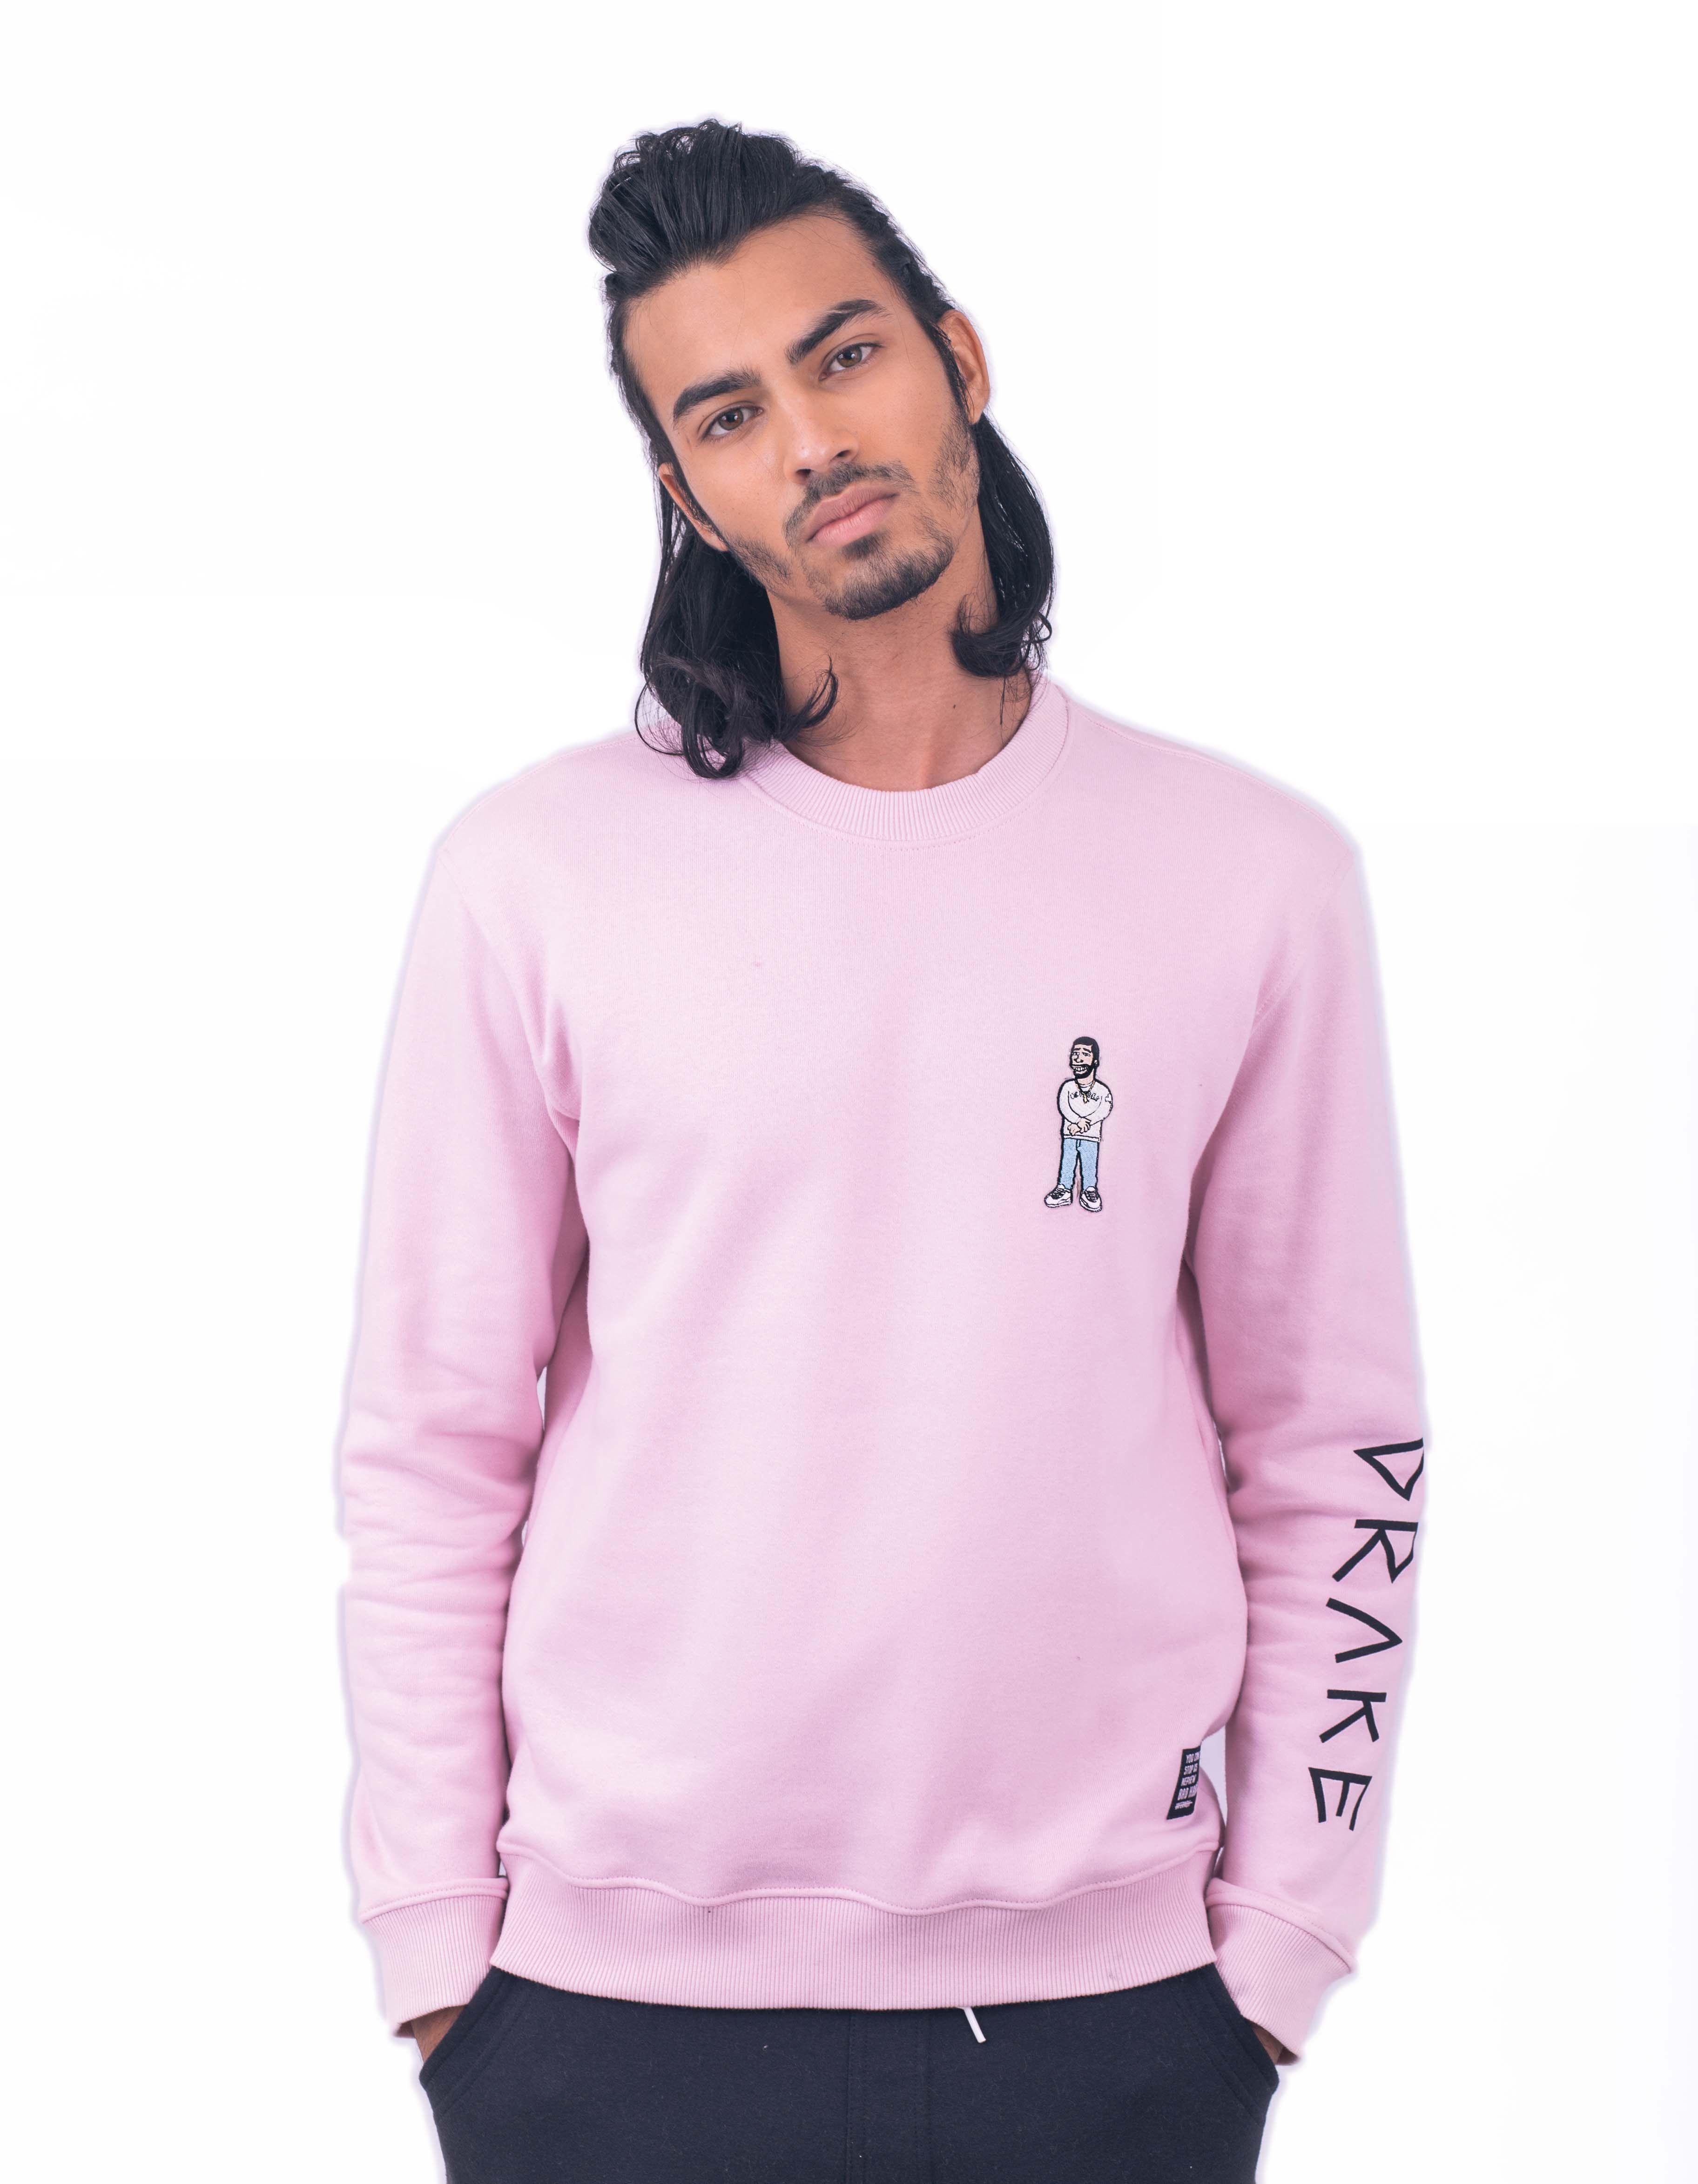 Collab exclusiva com o ilustrador alemão Zhi. O modelo tem 1,72 e usa M.  Moletom rosa com Patch Bordado do rapper Drake.  Entrega via sedex em até 03 dias úteis , via pac de 05 a 07 dias úteis para capitais.  Frete grátis para compras acima de R$ 200,00.